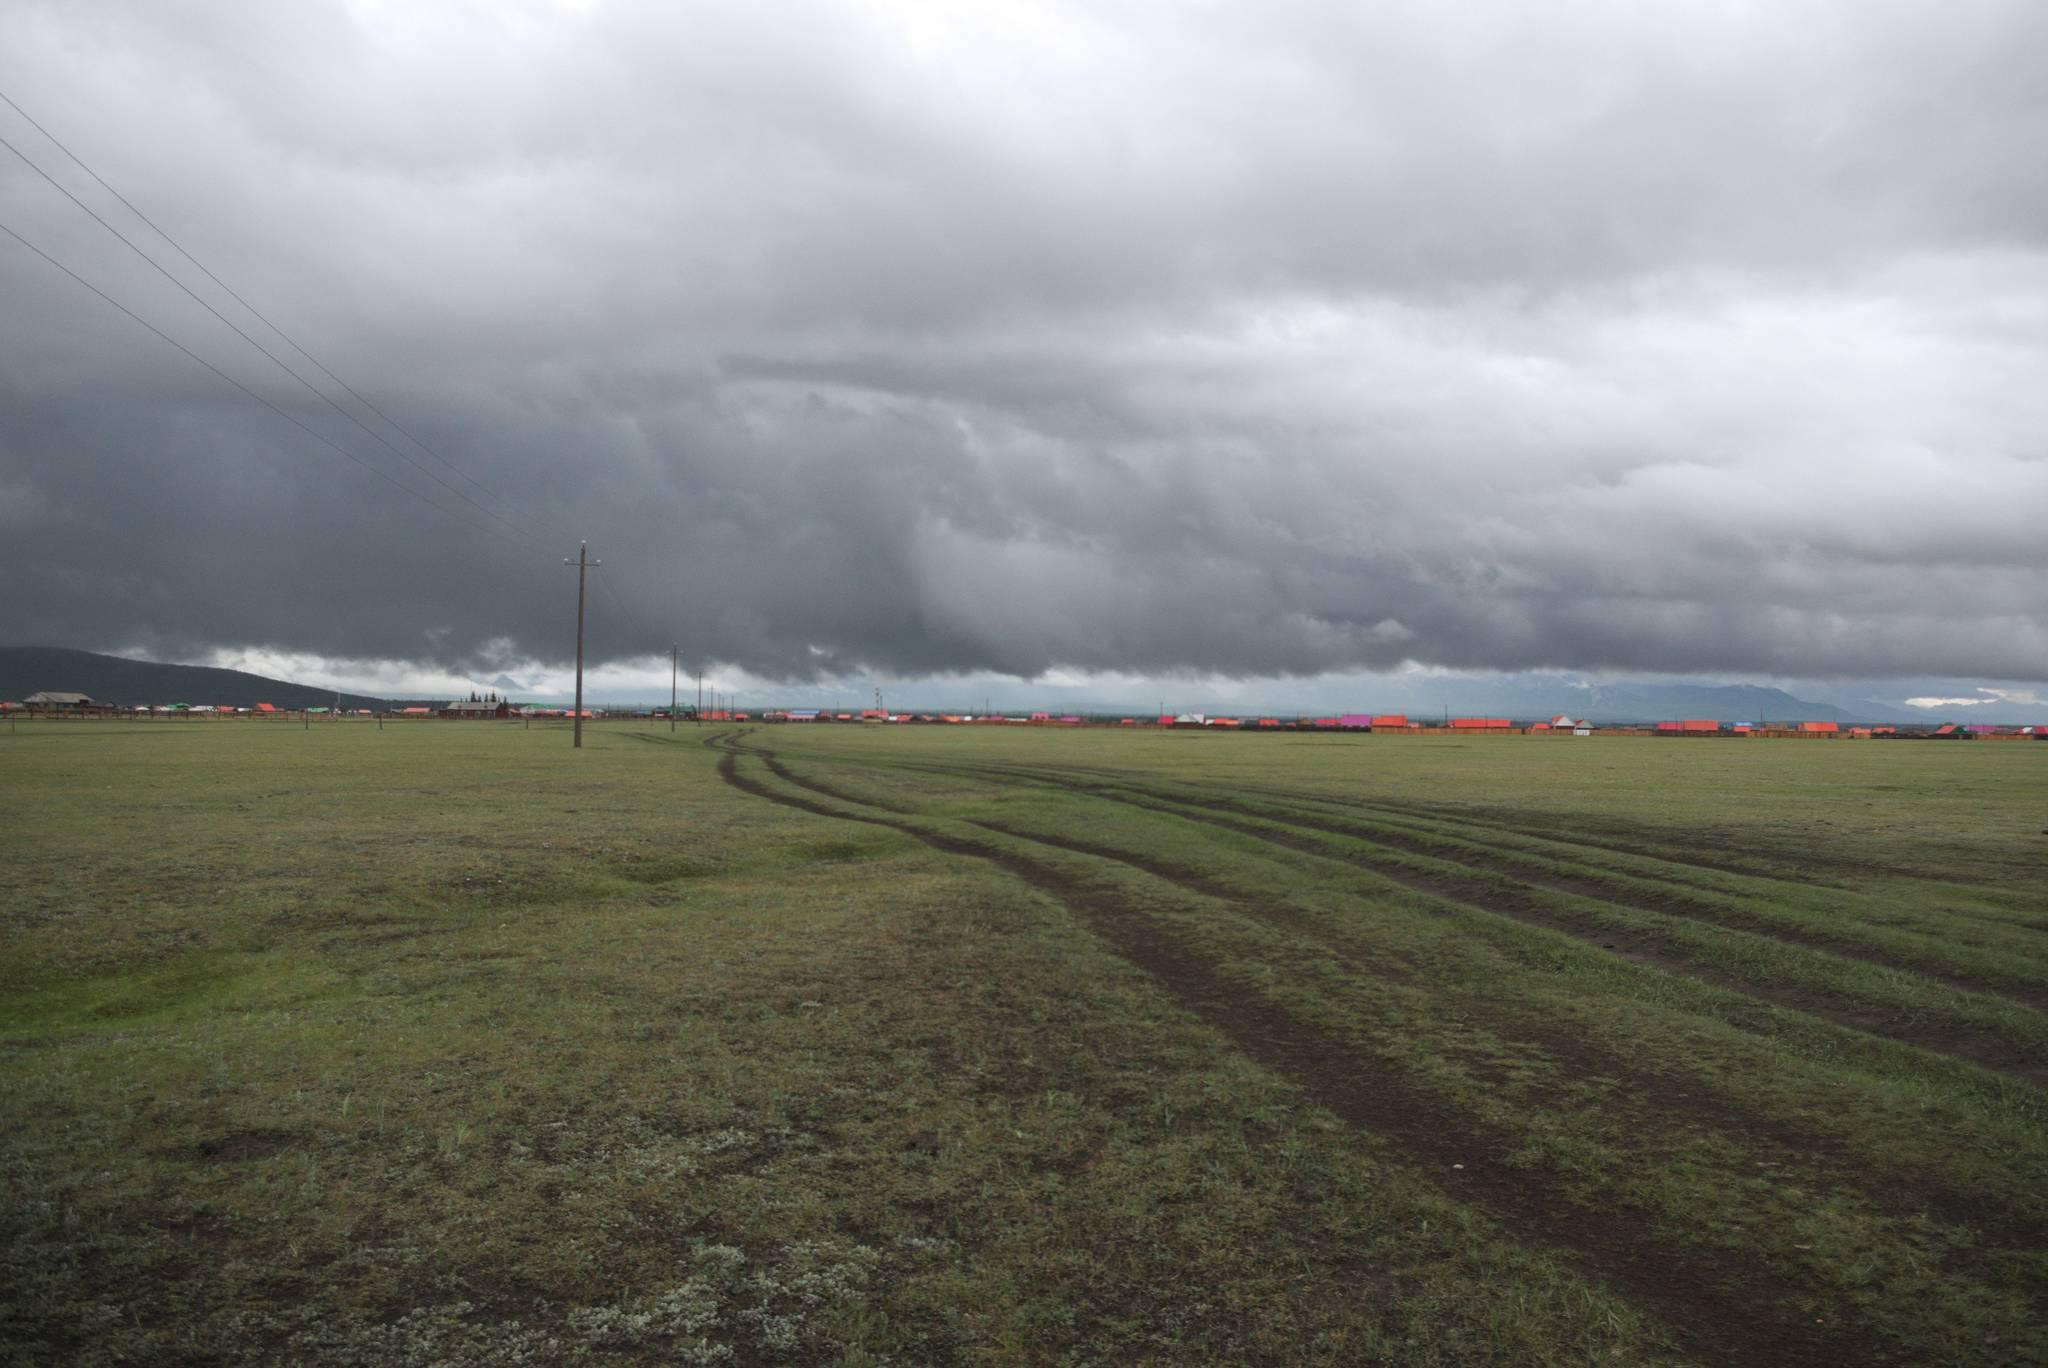 Tak wygląda burza. Przed jedną nawałnicą schroniłem się w wiosce, przed drugą uciekam